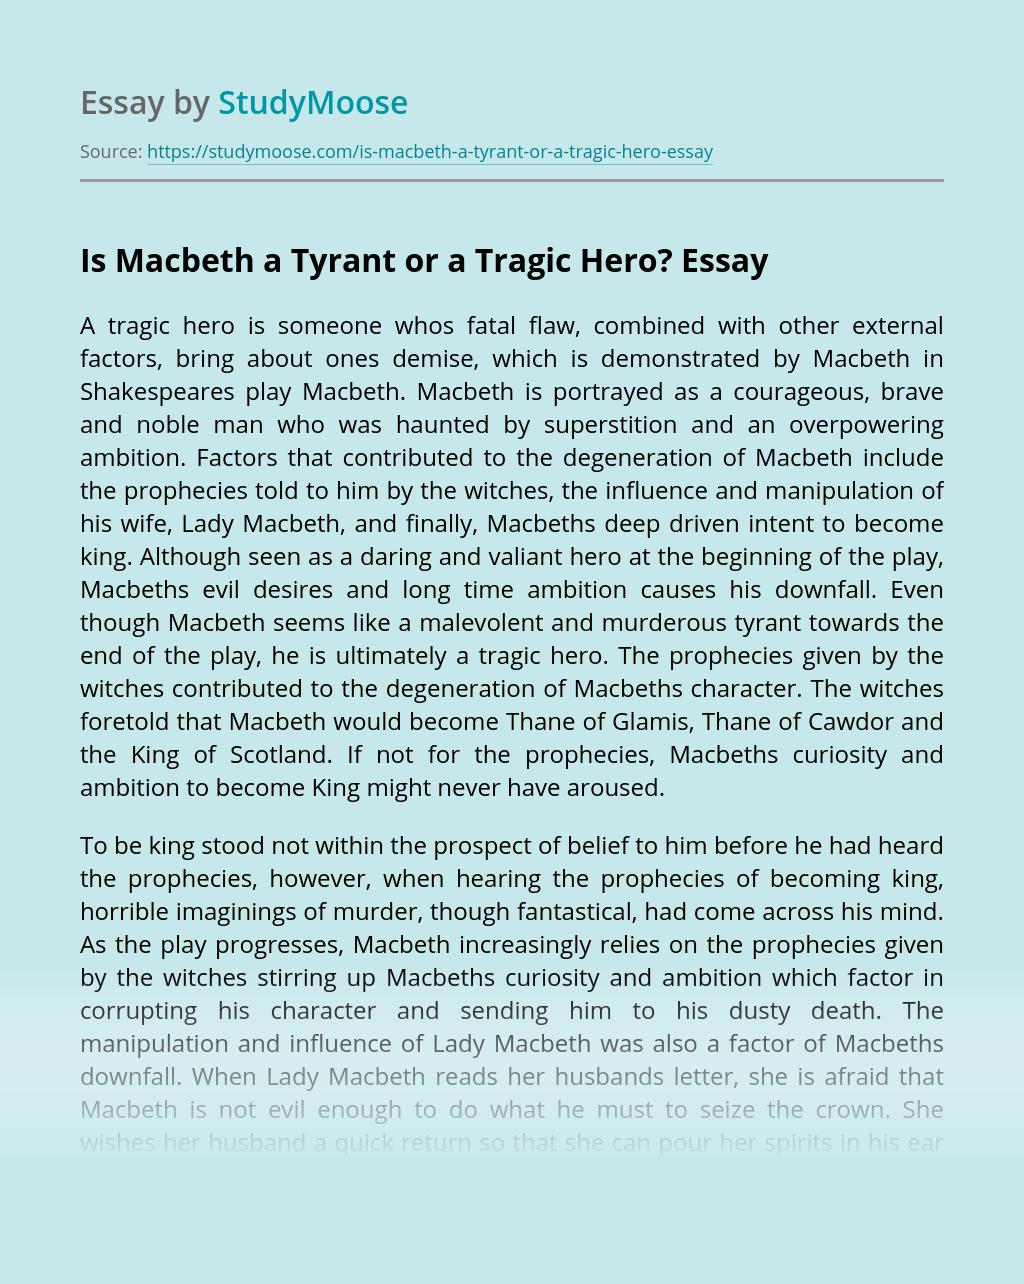 Is Macbeth a Tyrant or a Tragic Hero?